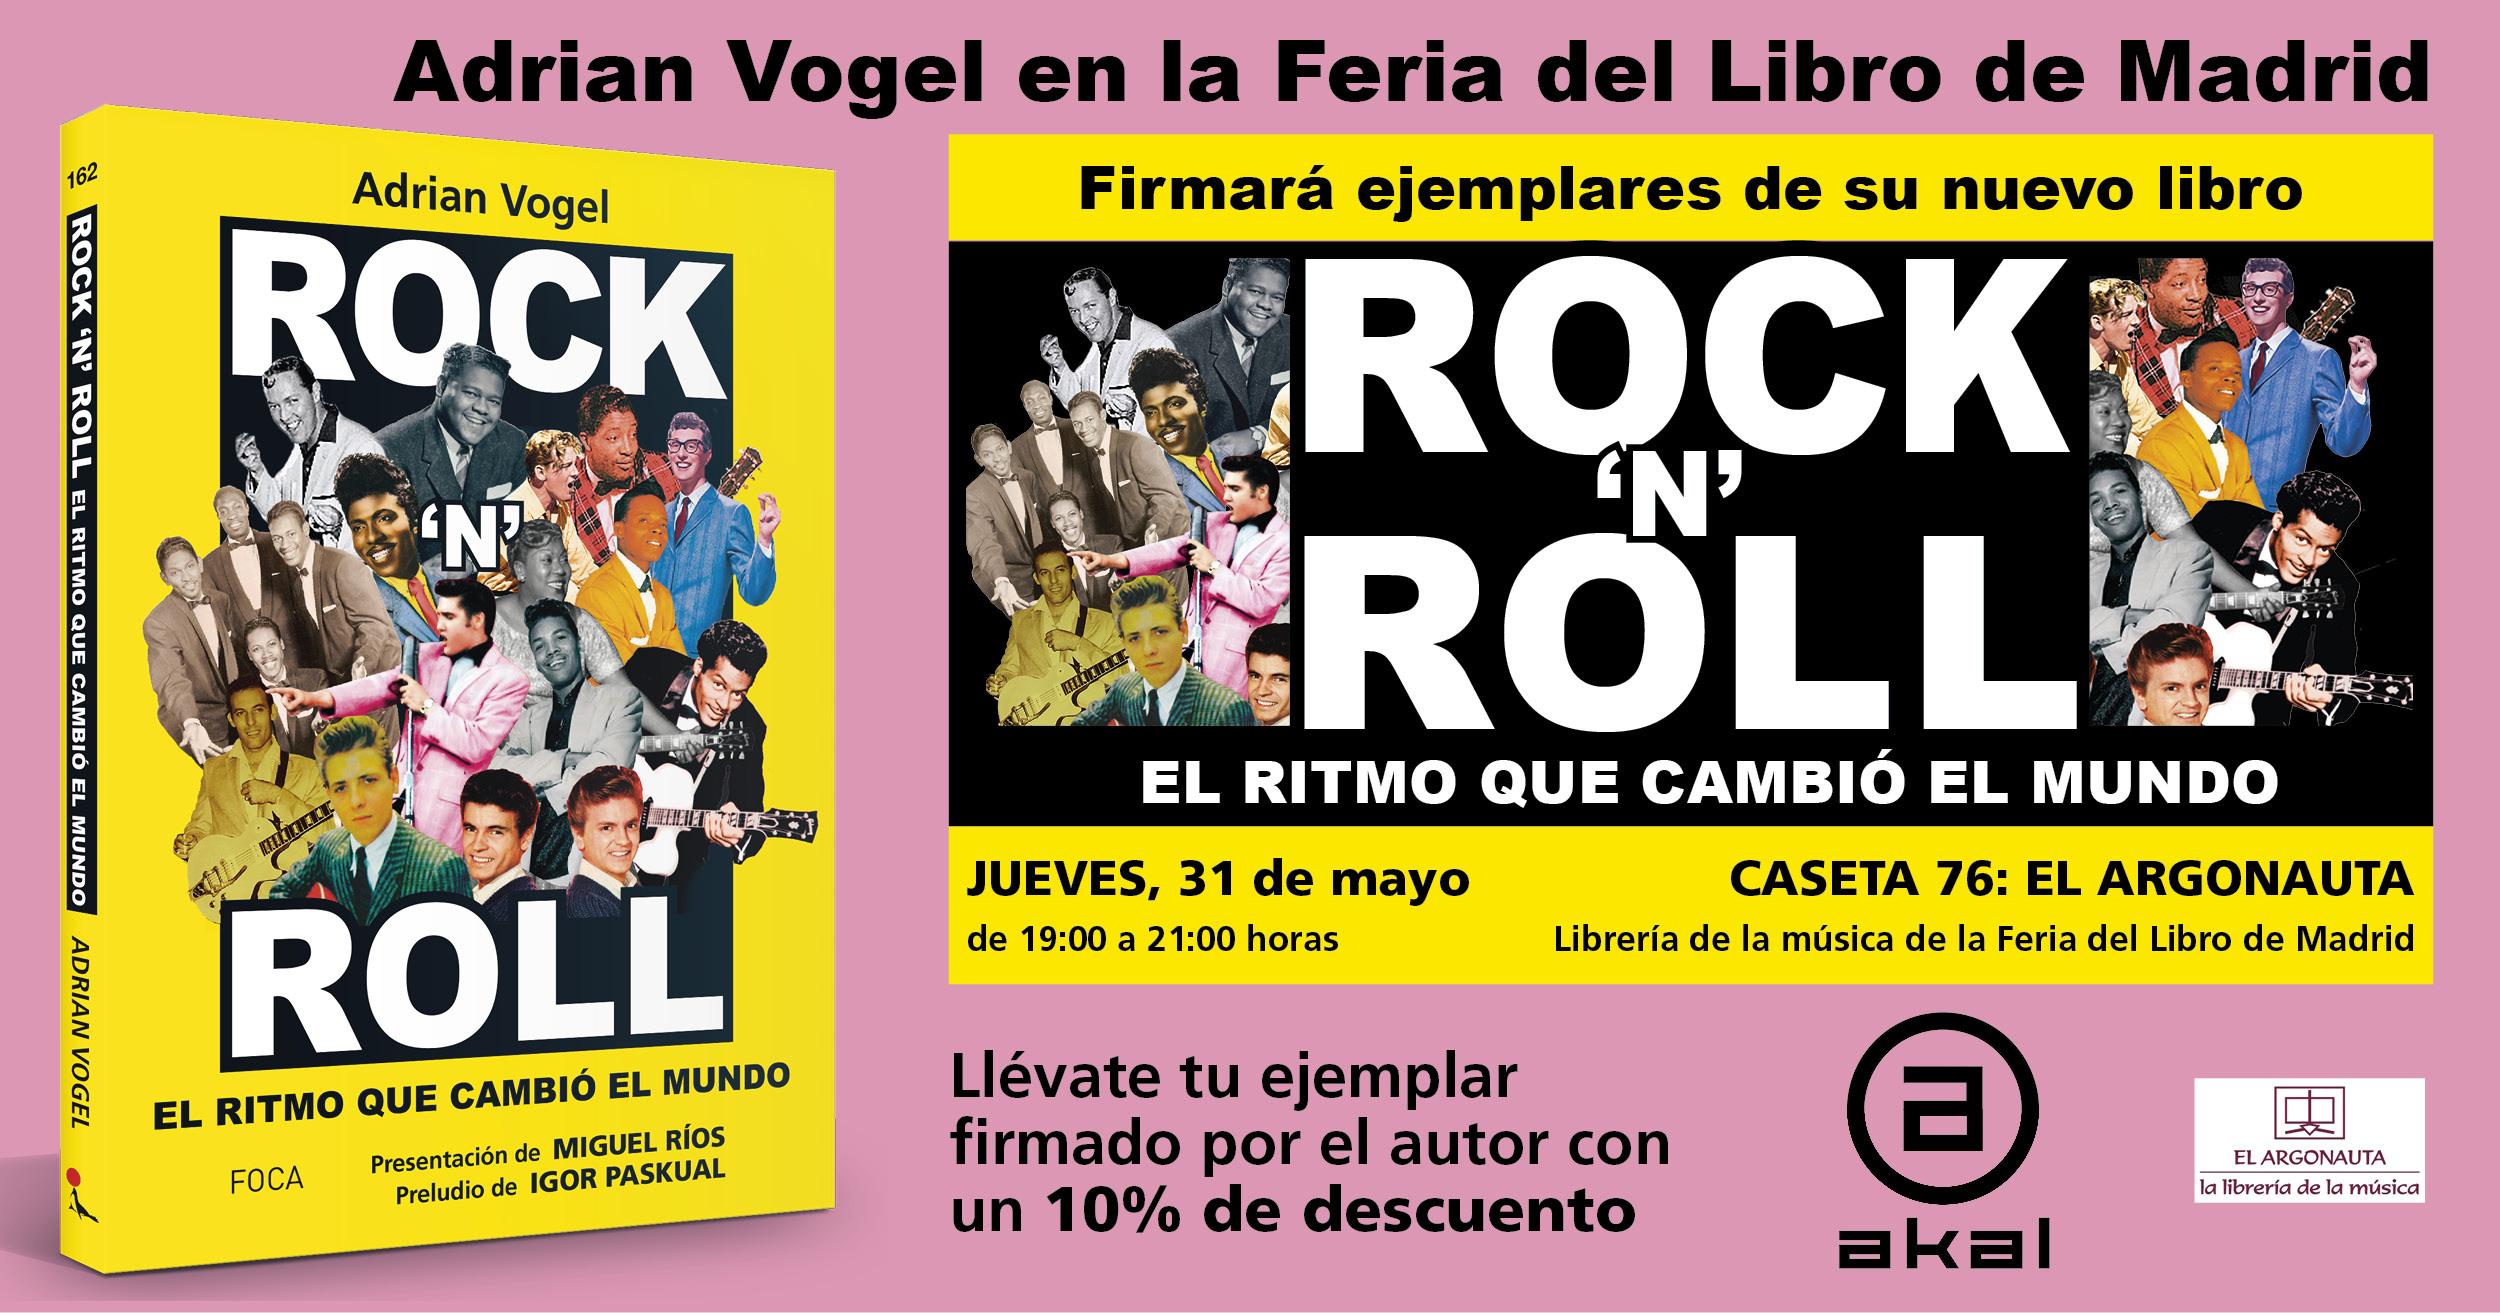 RocknRoll (FLM)